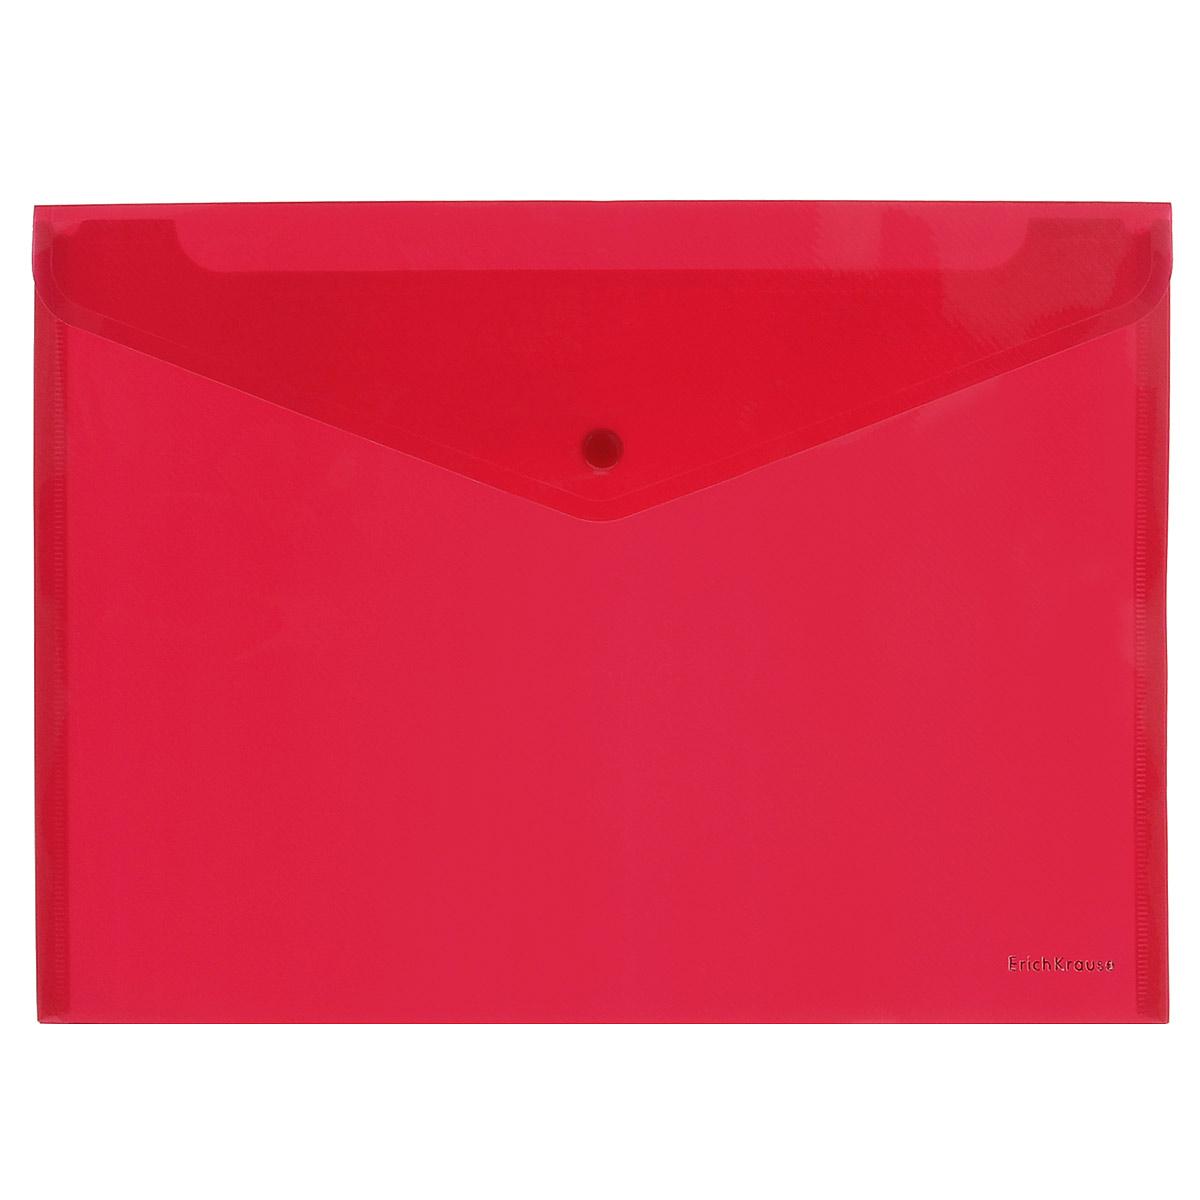 Erich Krause Папка-конверт Envelope Folder цвет красный2932_красныйПапка-конверт на кнопке Erich Krause - удобный и практичный офисный инструмент, предназначенный для хранения и транспортировки рабочих бумаг и документов формата А4.Папка изготовлена из полупрозрачного глянцевого пластика красного цвета с диагональной текстурой, которая надолго сохраняет папку аккуратной и увеличивает срок ее службы. Практичная застежка-кнопка удобна для частого использования и обеспечивает быстрый доступ к документам. С такой папкой ваши документы всегда будут в полном порядке!